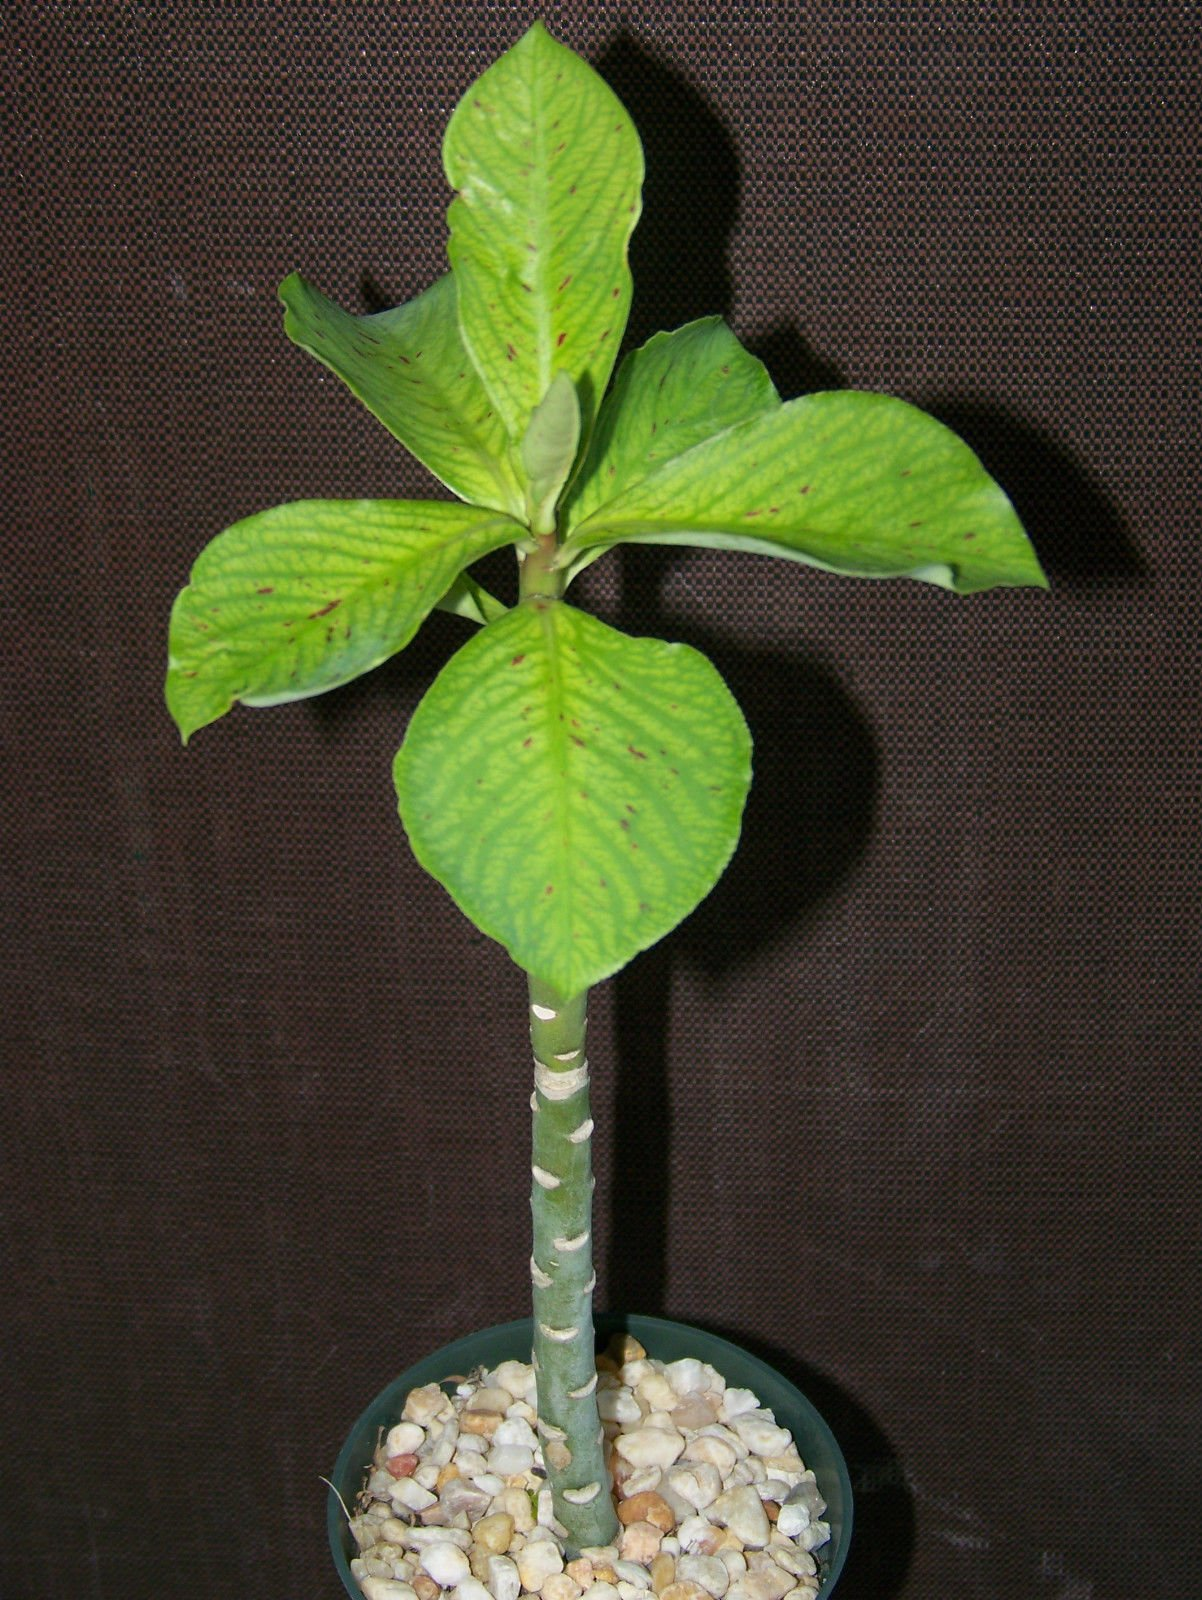 Synadenium grantii, African milkbush exotic cacti rare succulent plant 4'' pot